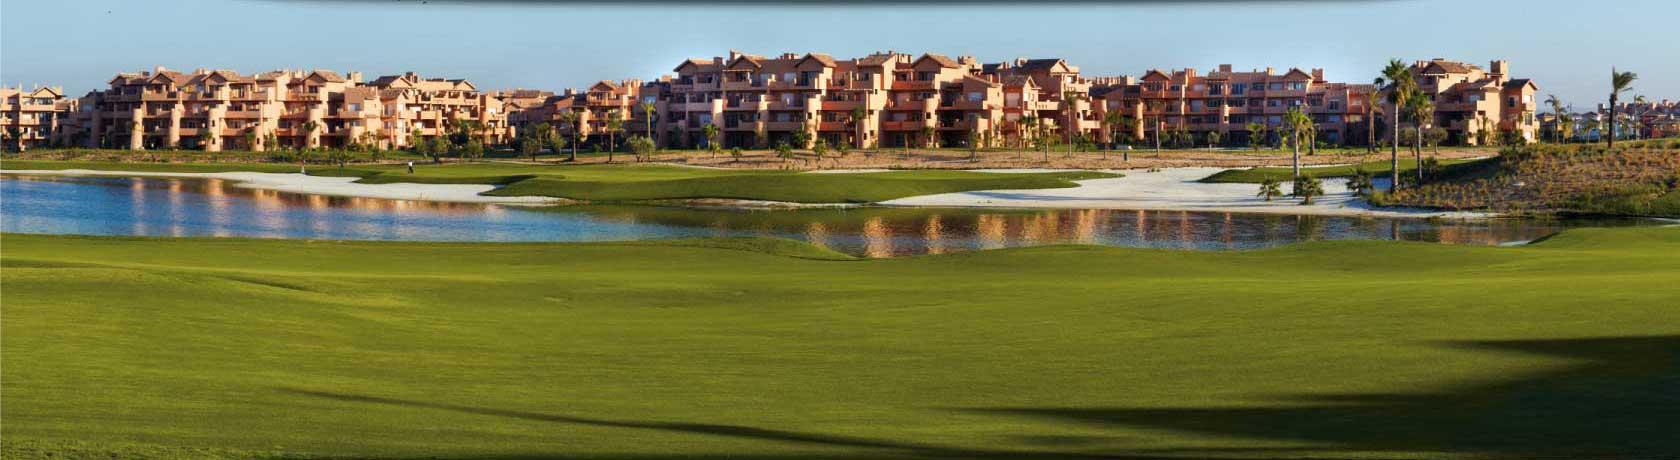 Longstay Golfresor till Mar Menor